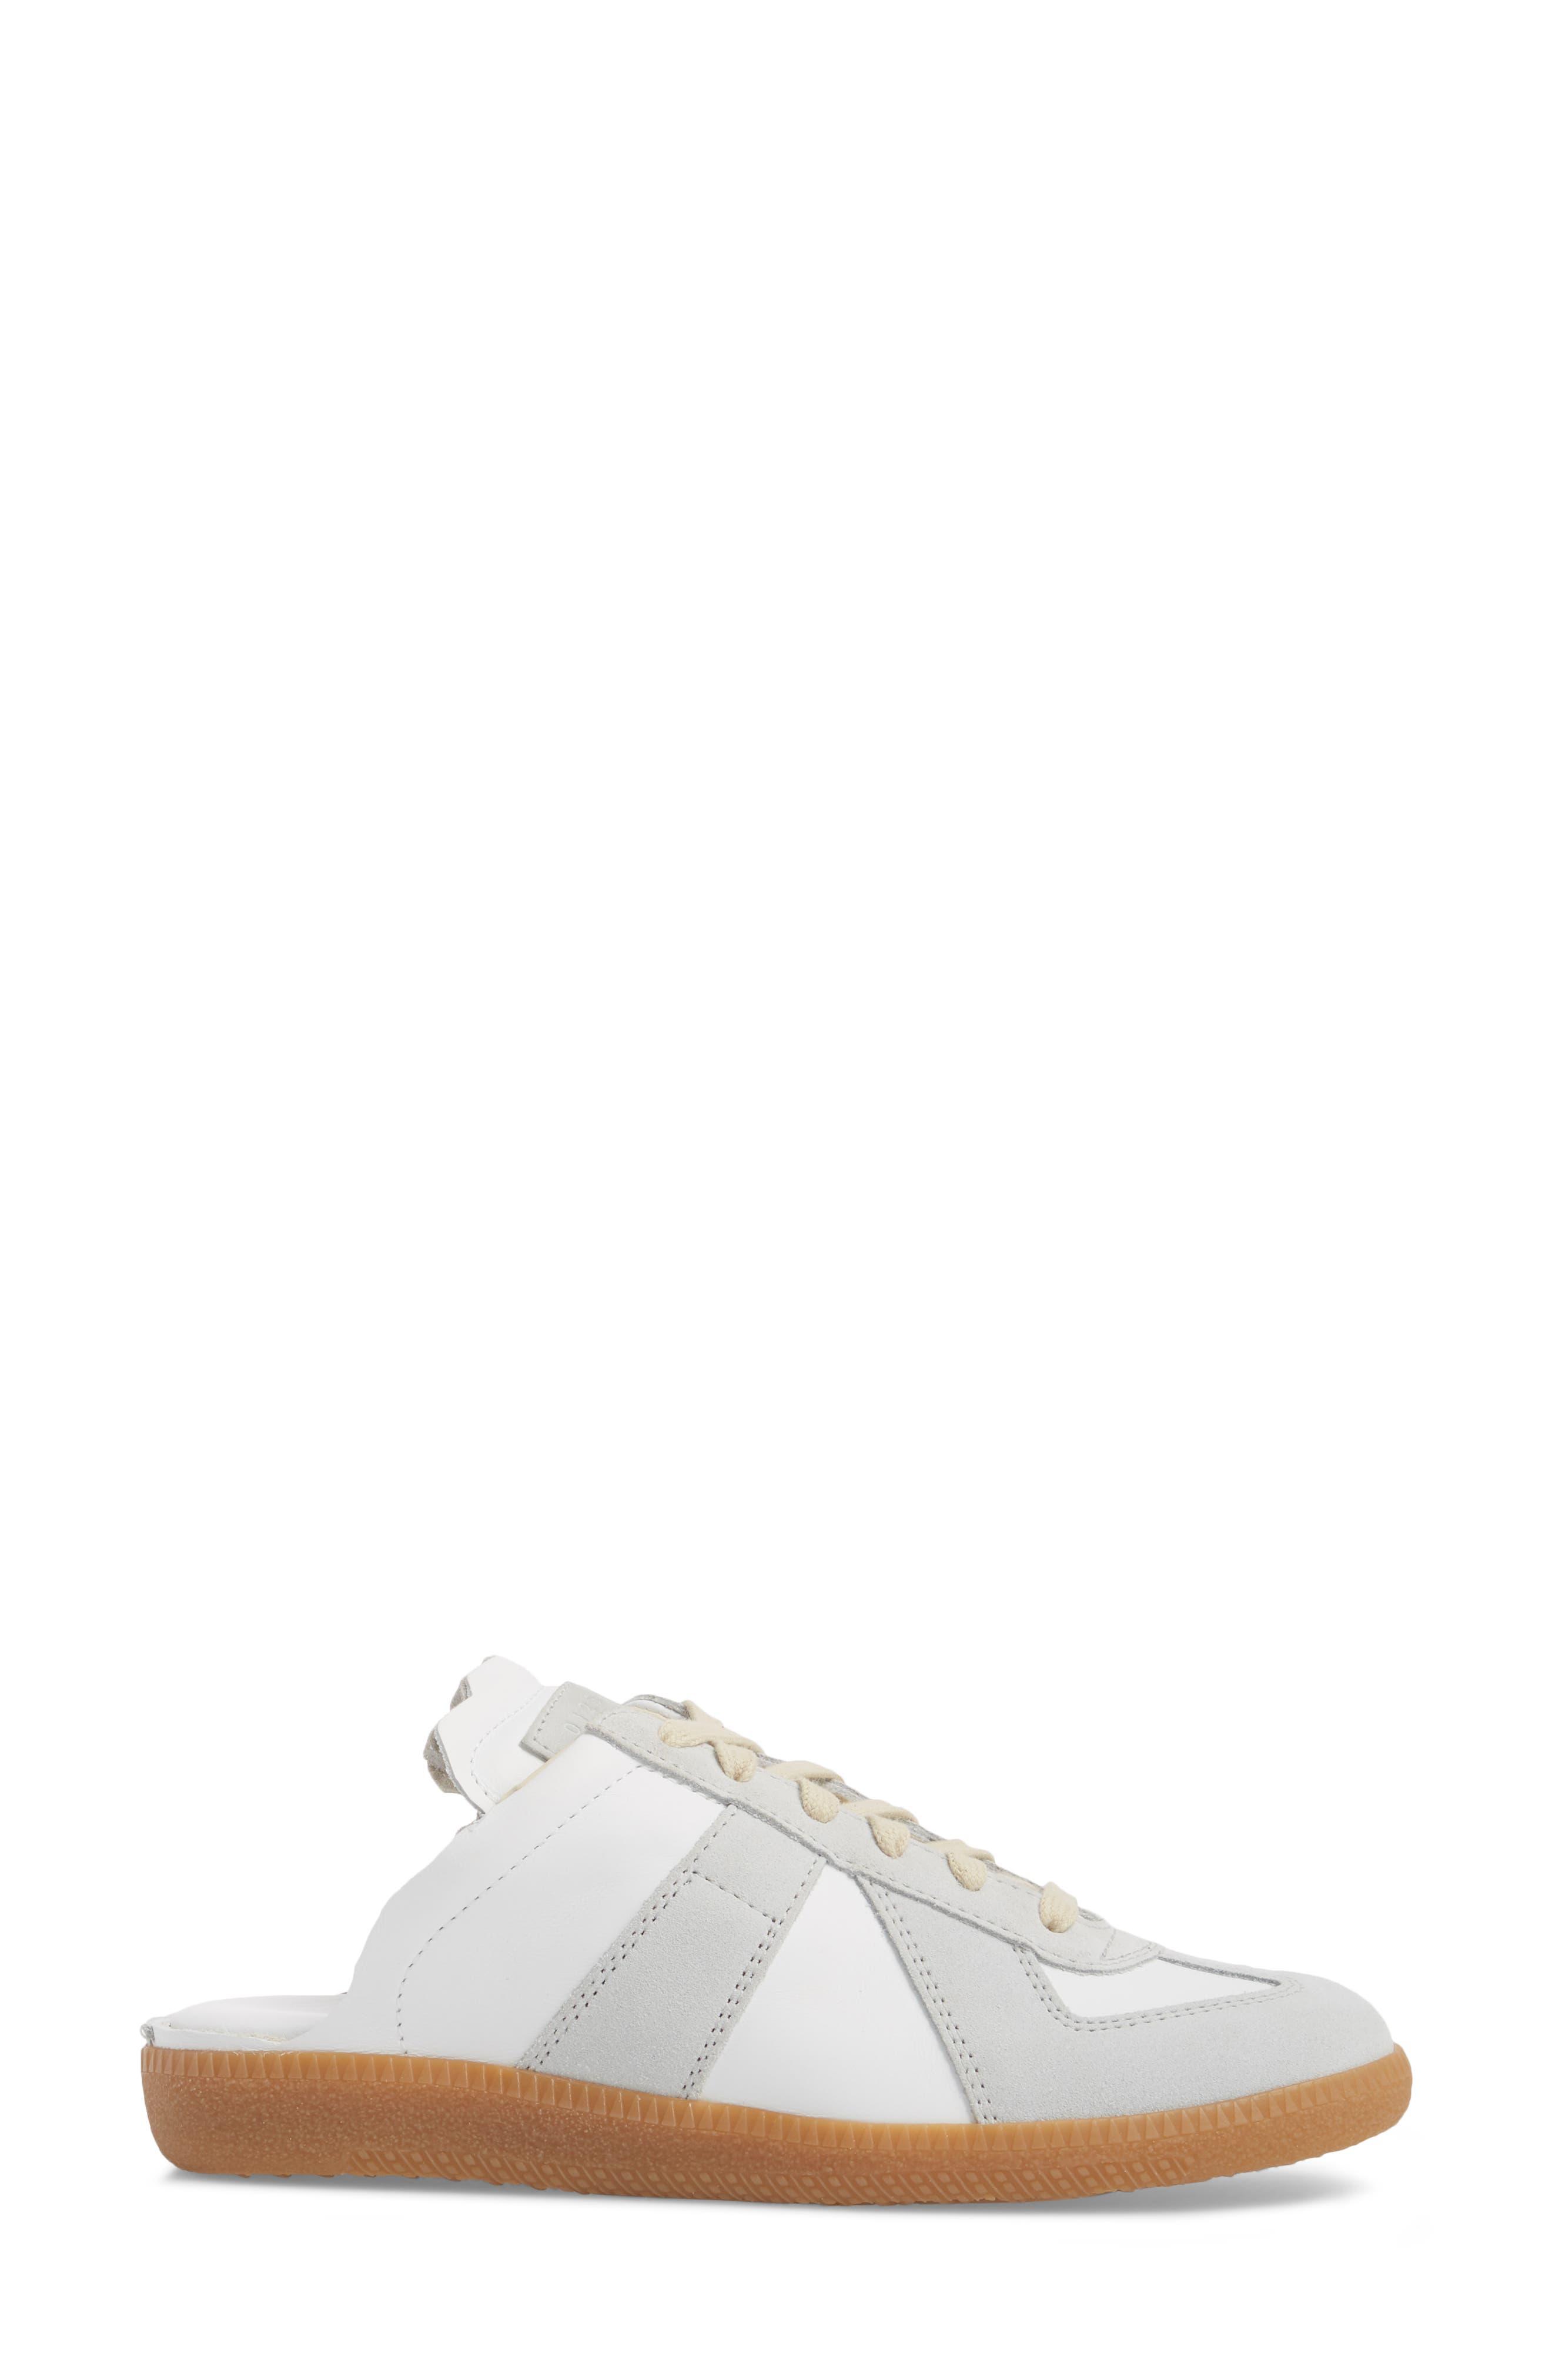 Replica Sneaker Mule by Maison Margiela